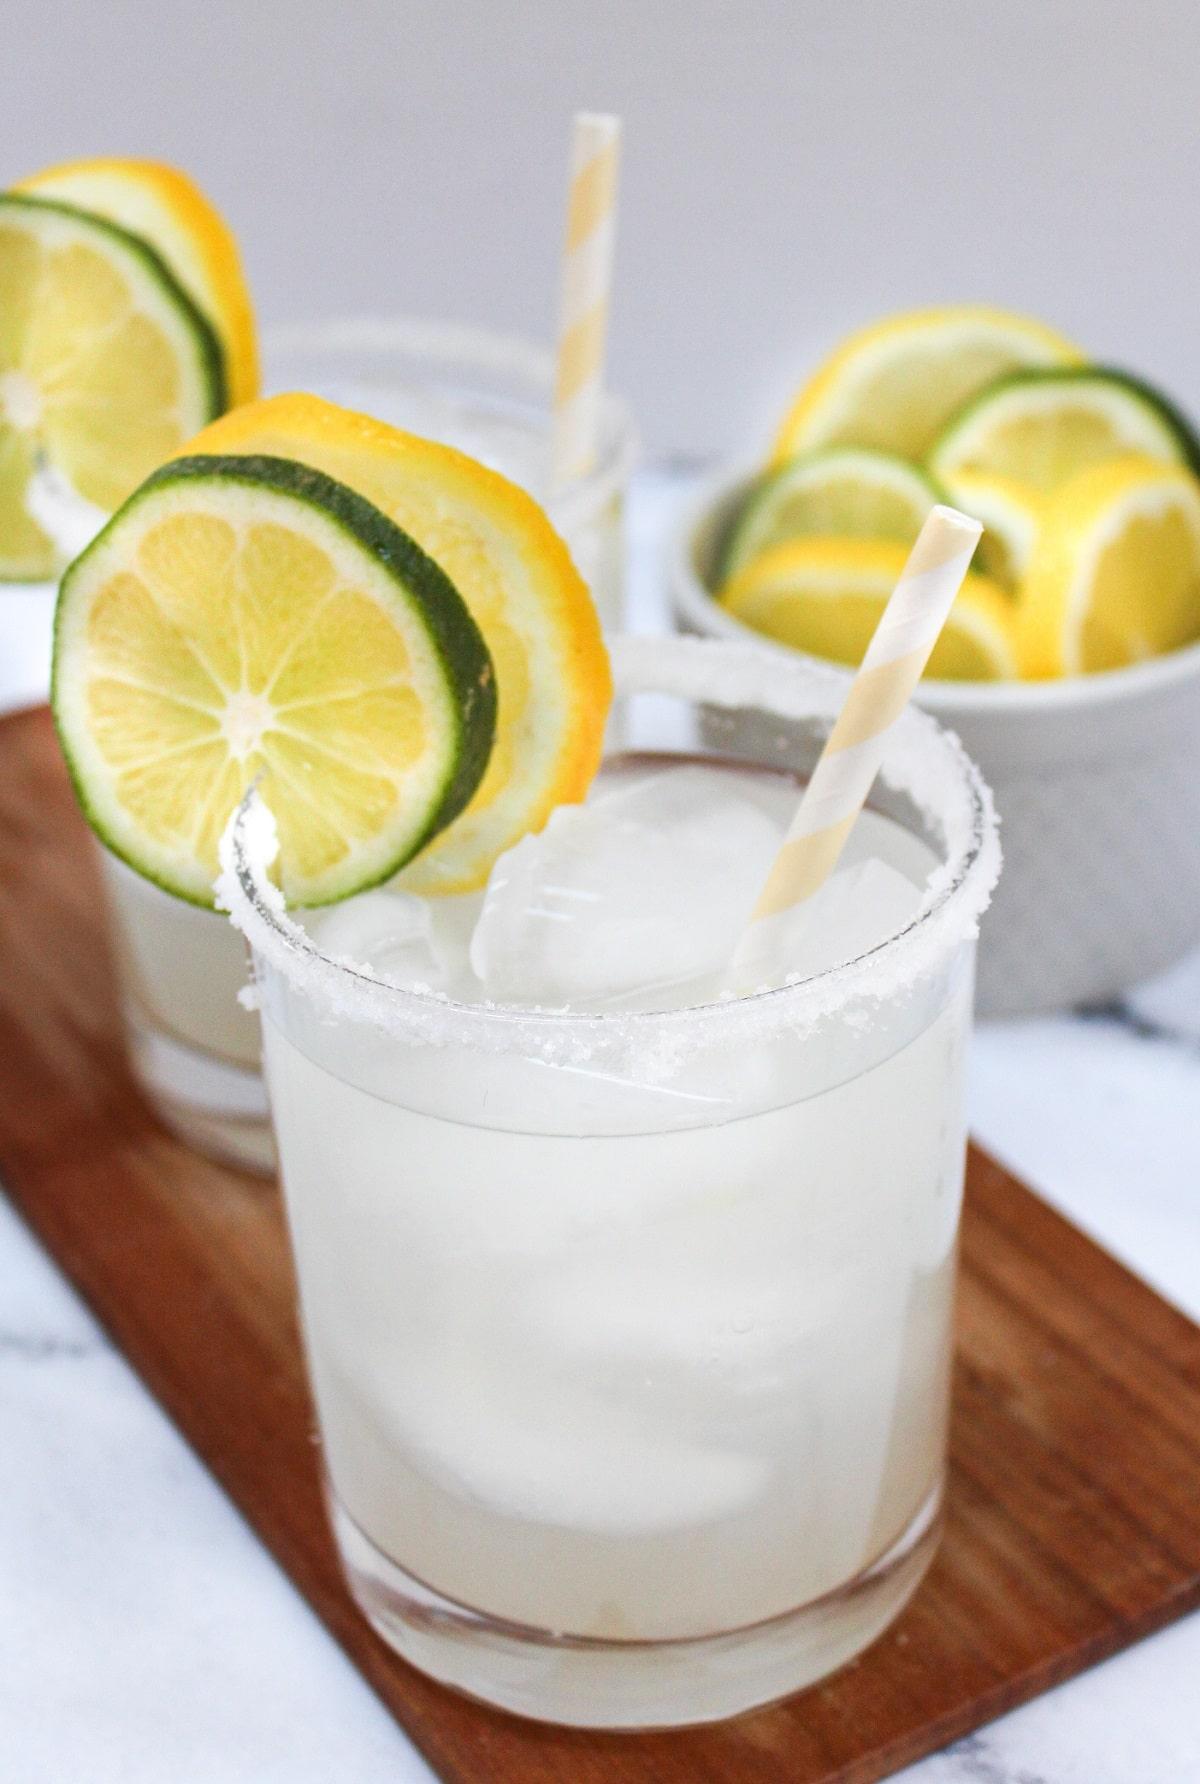 lemonade margaritas on a serving platter